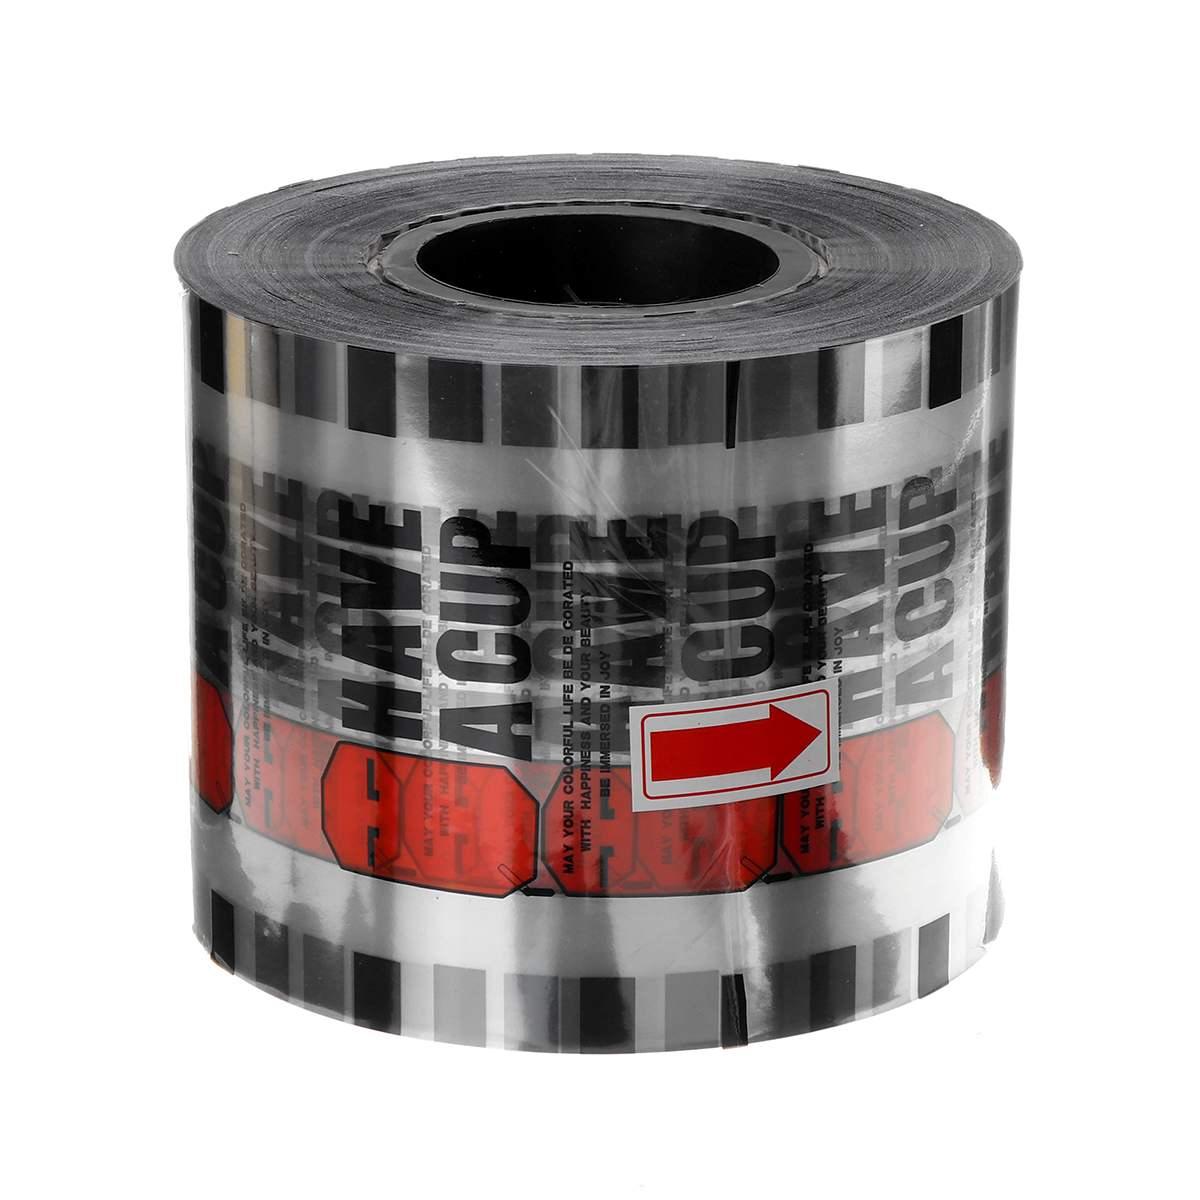 2500 Cups Cup Sealer Bubble Tea Juice Drink Film Cover Sealing Film For Cup Sealer Sealing Machine Cover 95mm